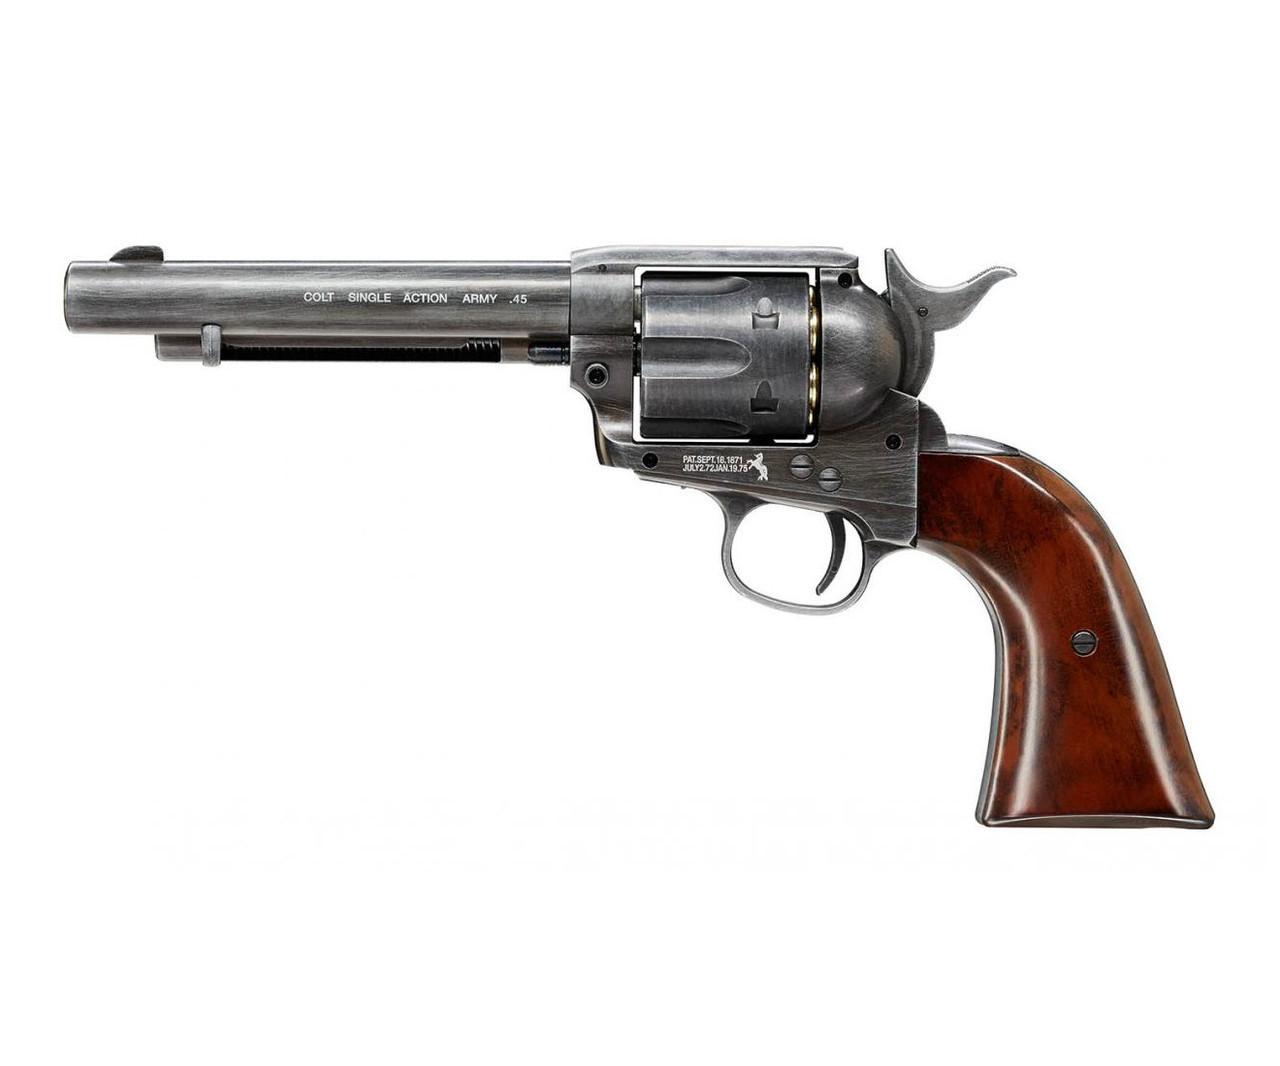 Пневматический пистолет Umarex COLT SINGLE ACTION ARMY 45, 5,8307